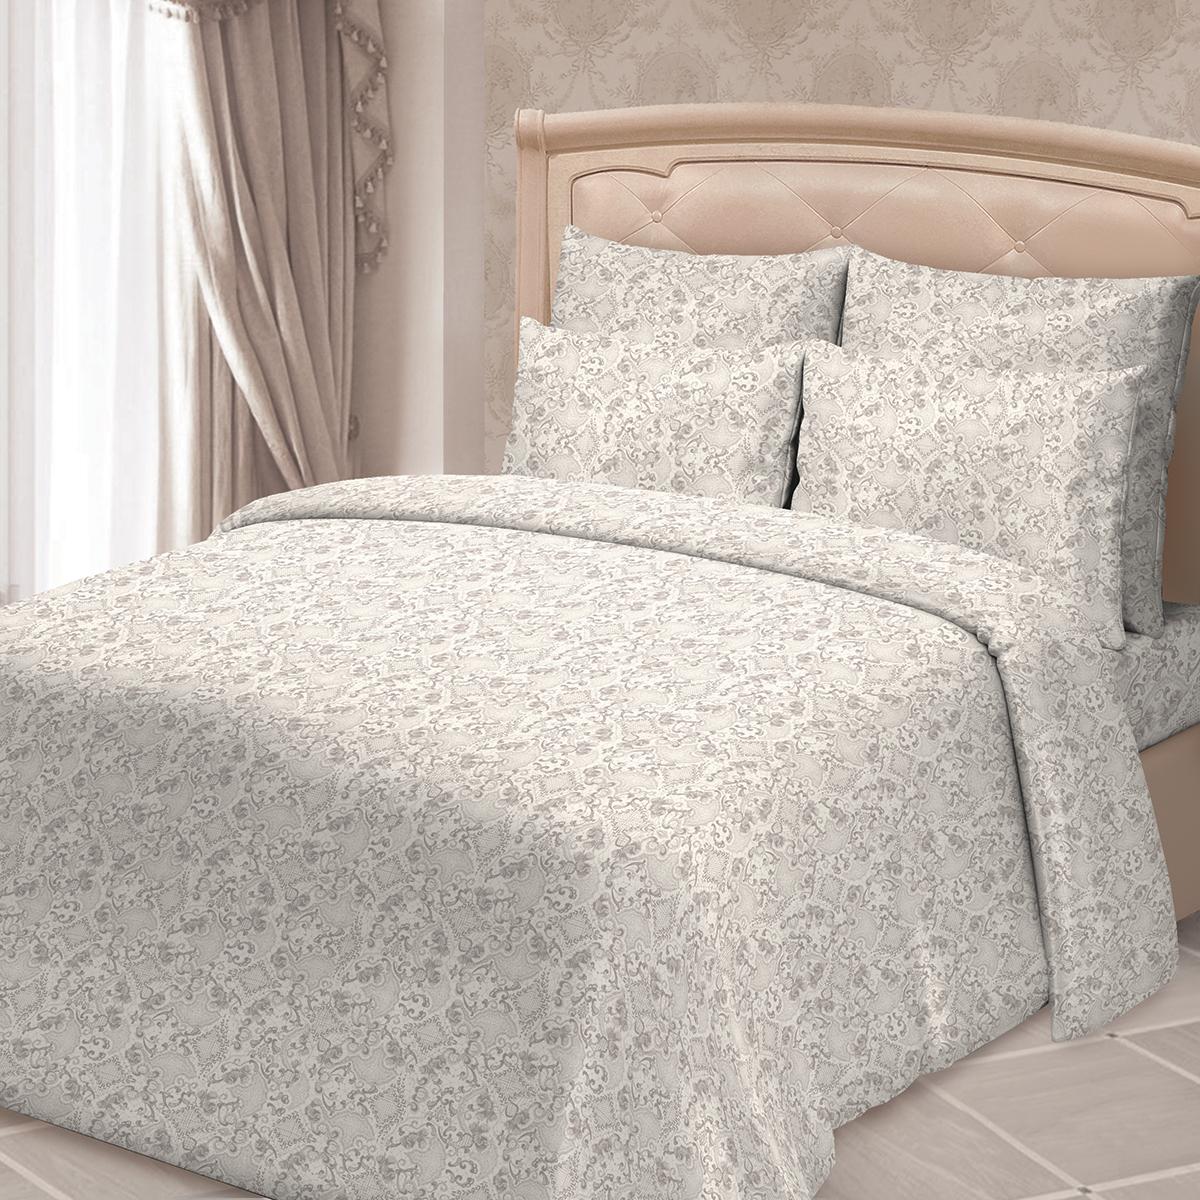 Комплект белья Сорренто Даниэла, 2-спальный, наволочки 70х70, цвет: серый комплекты белья